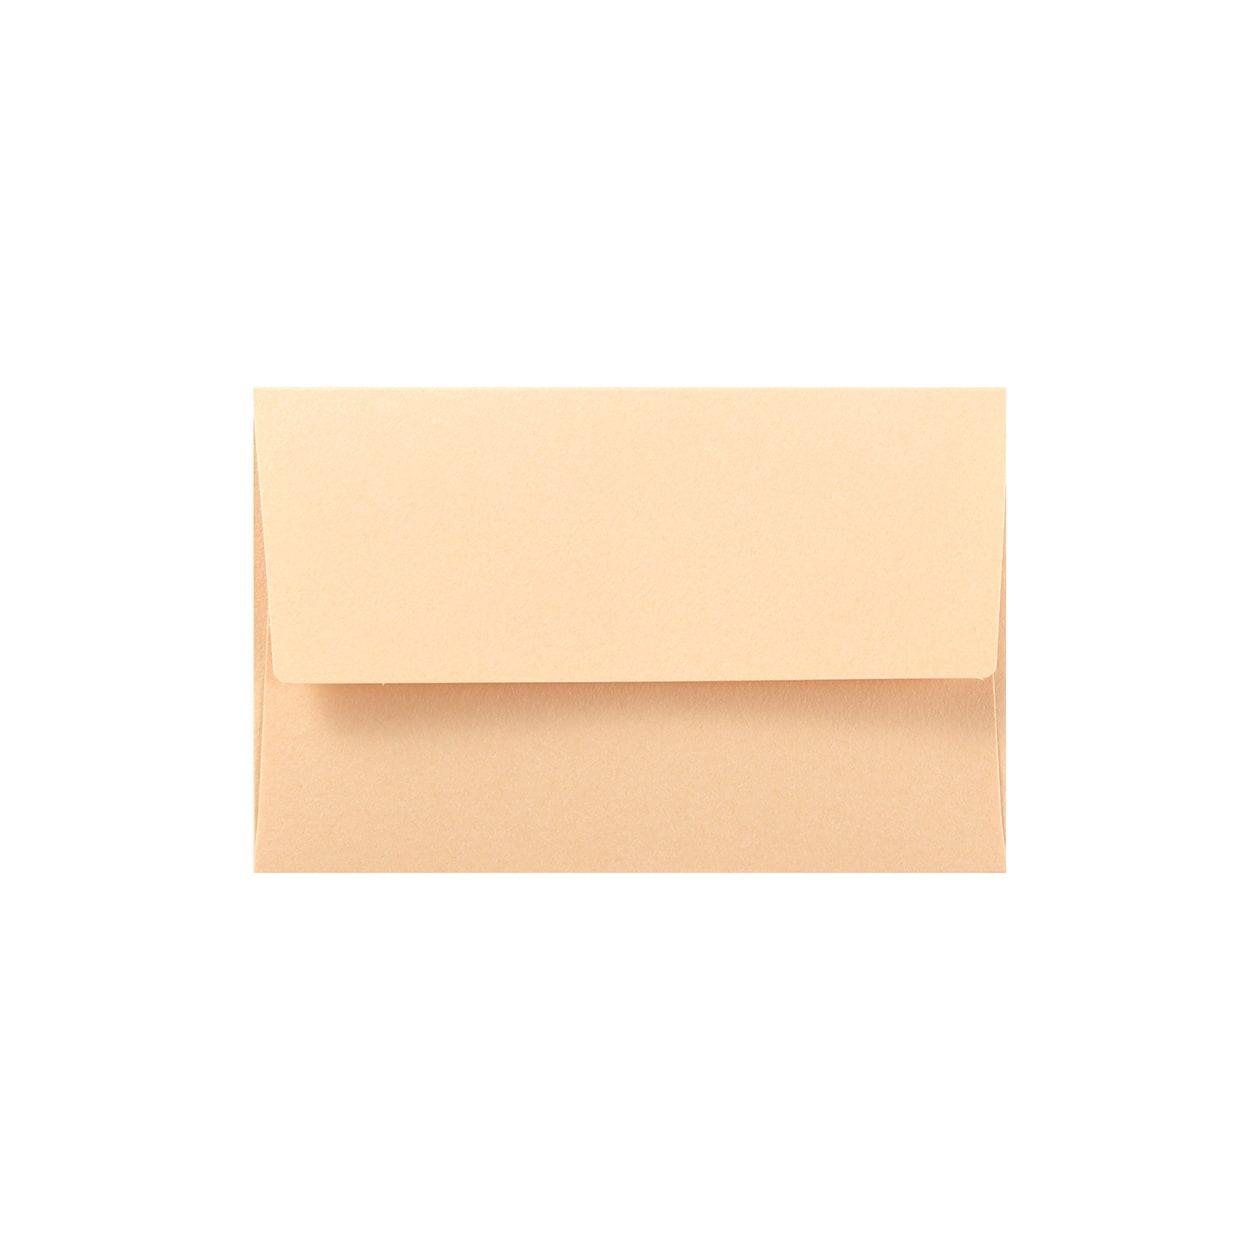 NEカマス封筒 コットン(NTラシャ) 古染(こそめ) 116.3g